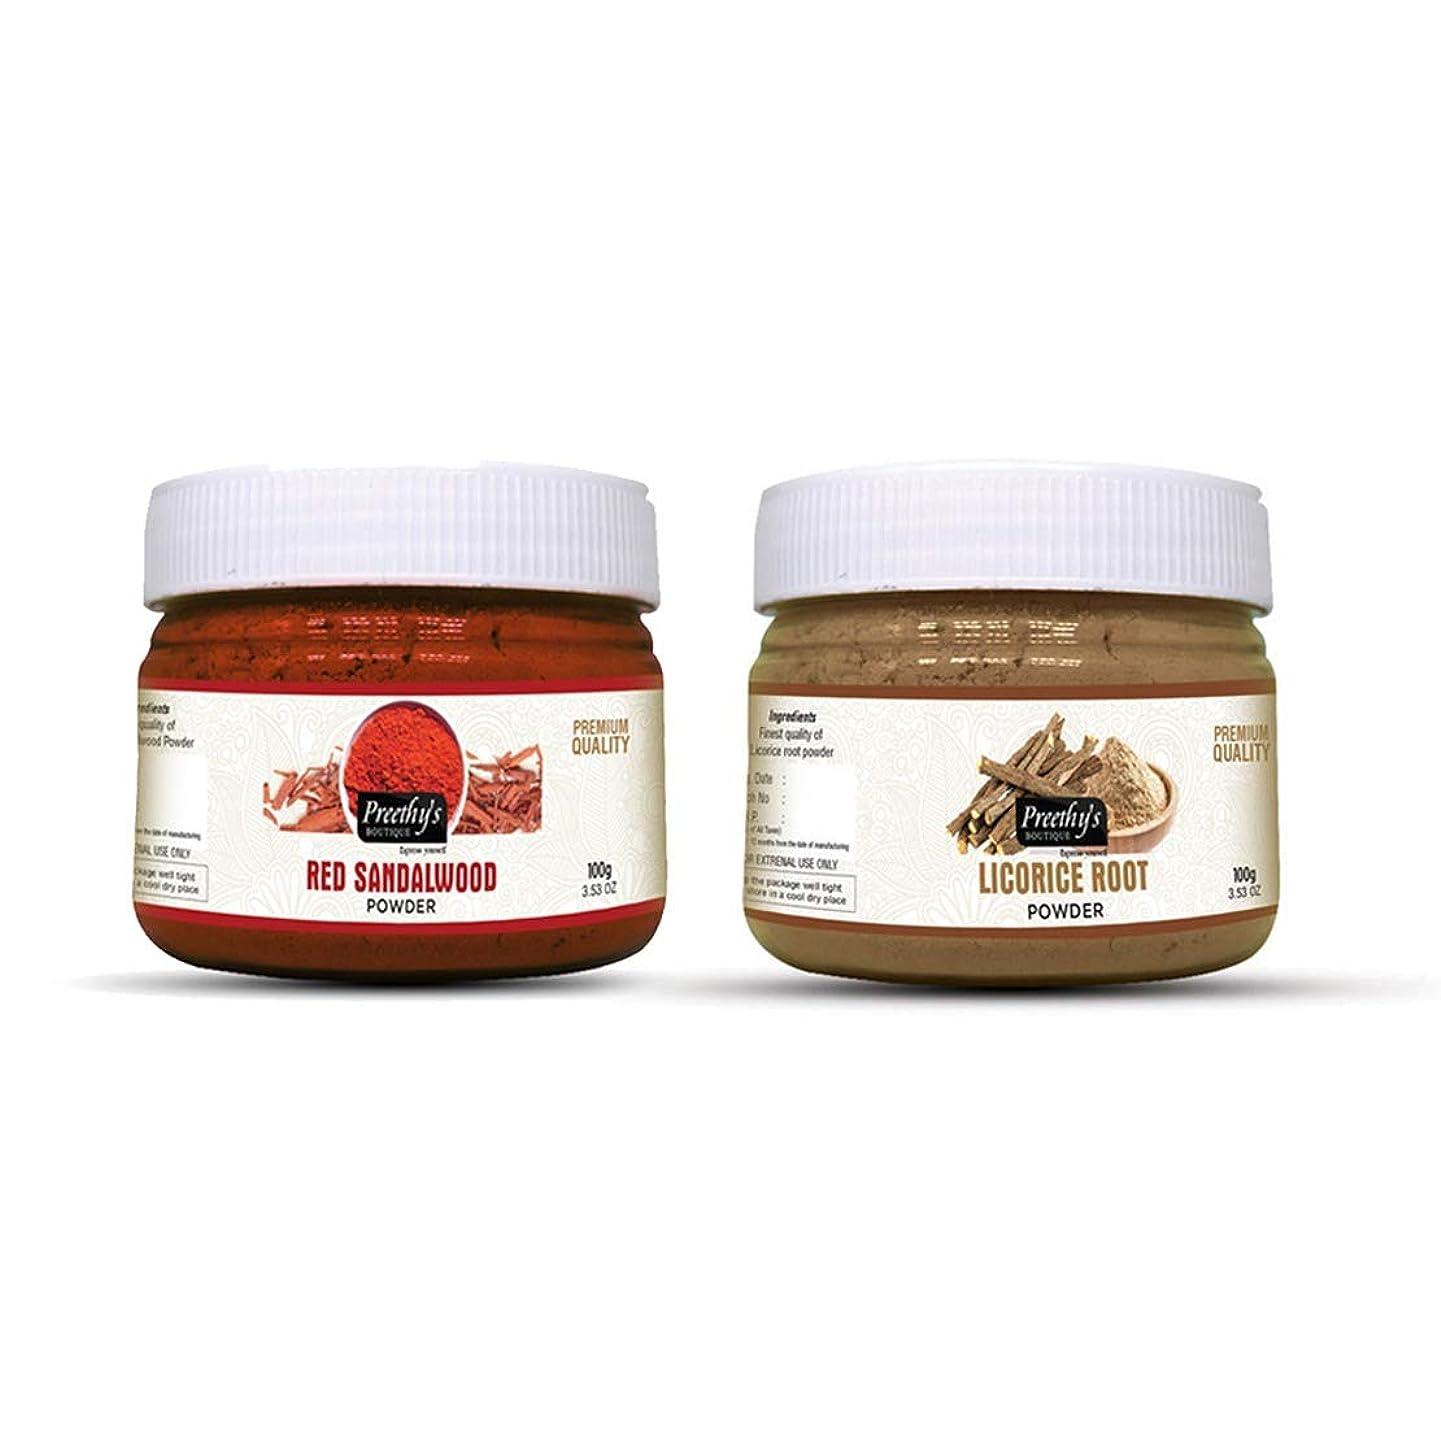 マートまで故国Combo offer Of Licorice root powder 100gm & Red sandalwood powder 100gm - Natural Remedies for Skin Disorders, Enhancing the beauty of the skin, Anti acne & Pimple - 甘草ルートパウダー100gmとレッドサンダルウッドパウダー100gmのコンボオファー-皮膚疾患の自然療法、肌の美しさの向上、にきびとにきび